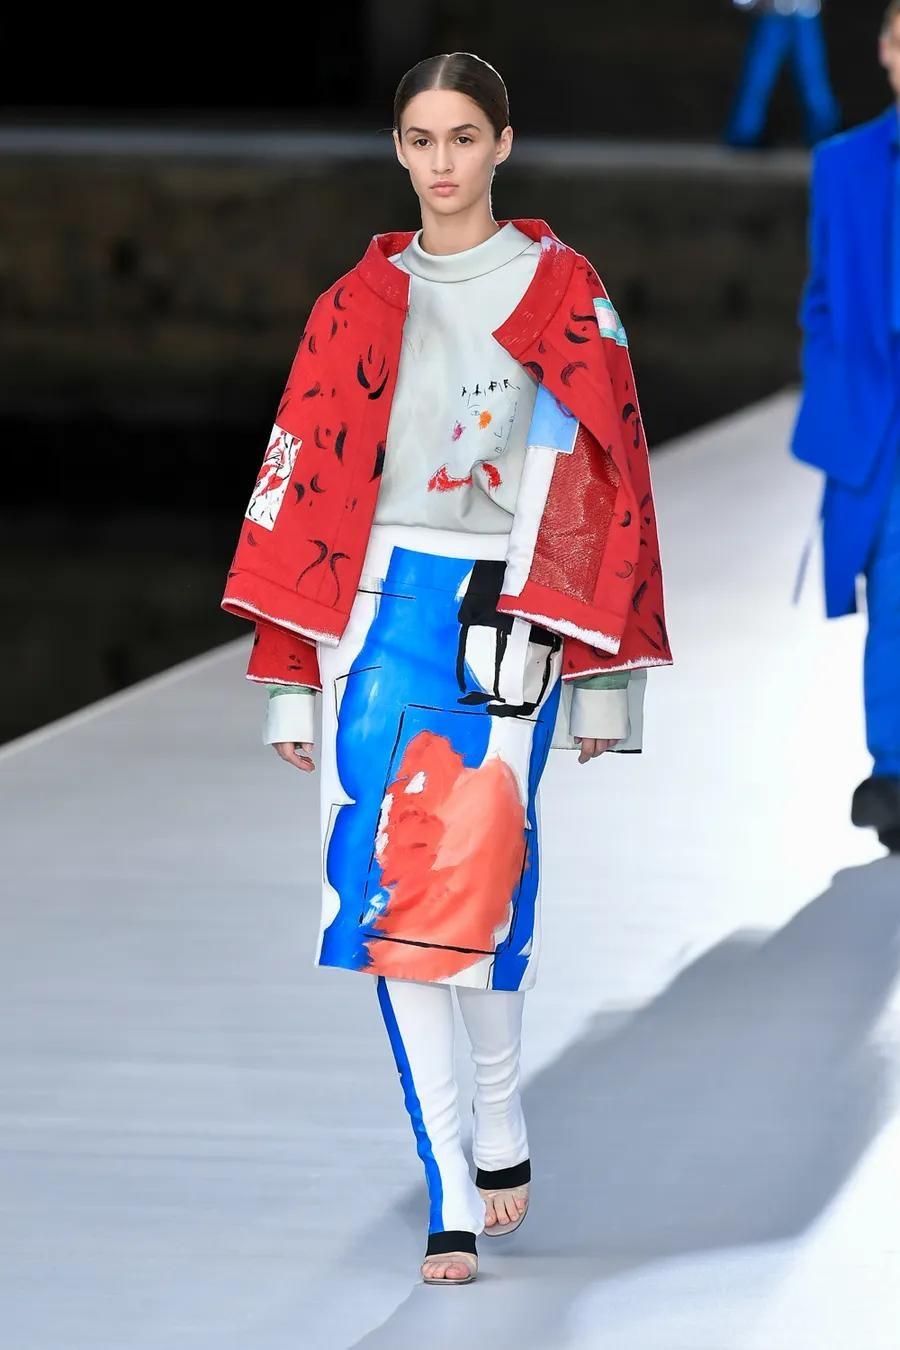 Шляпы с перьями и много цвета в новой коллекции Valentino Haute Couture (ФОТО) - фото №3